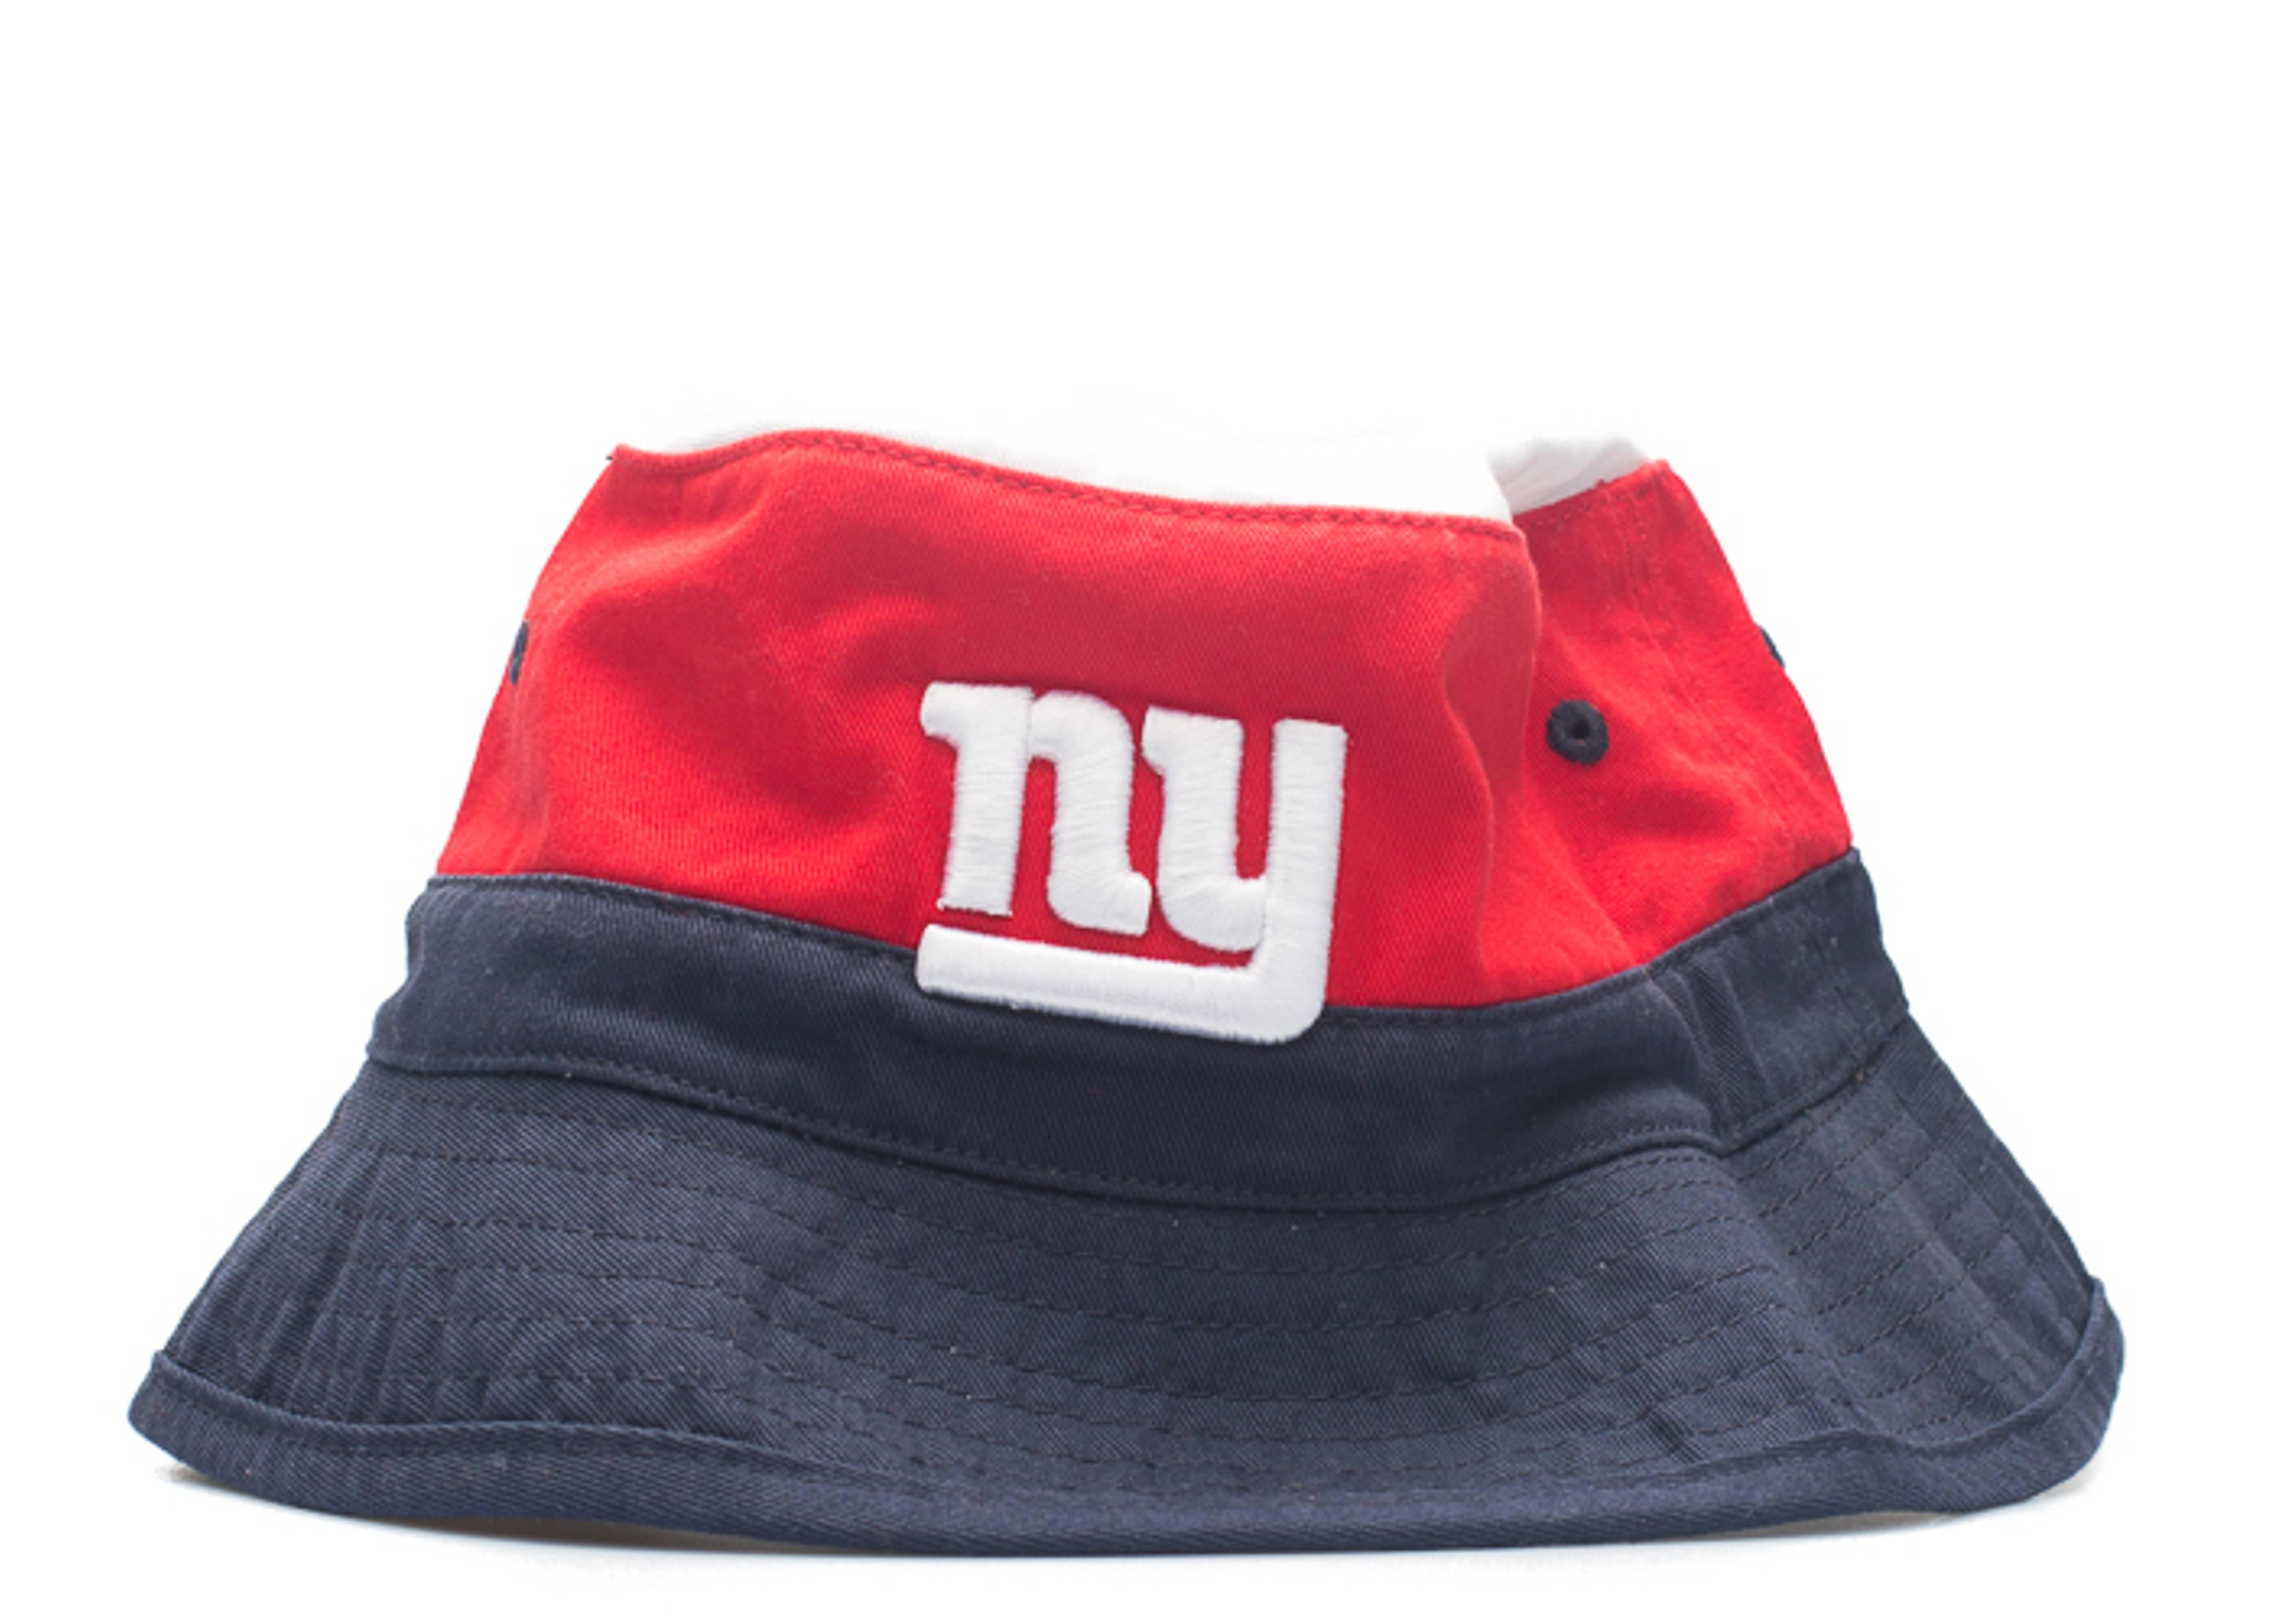 new york giants bucket hat